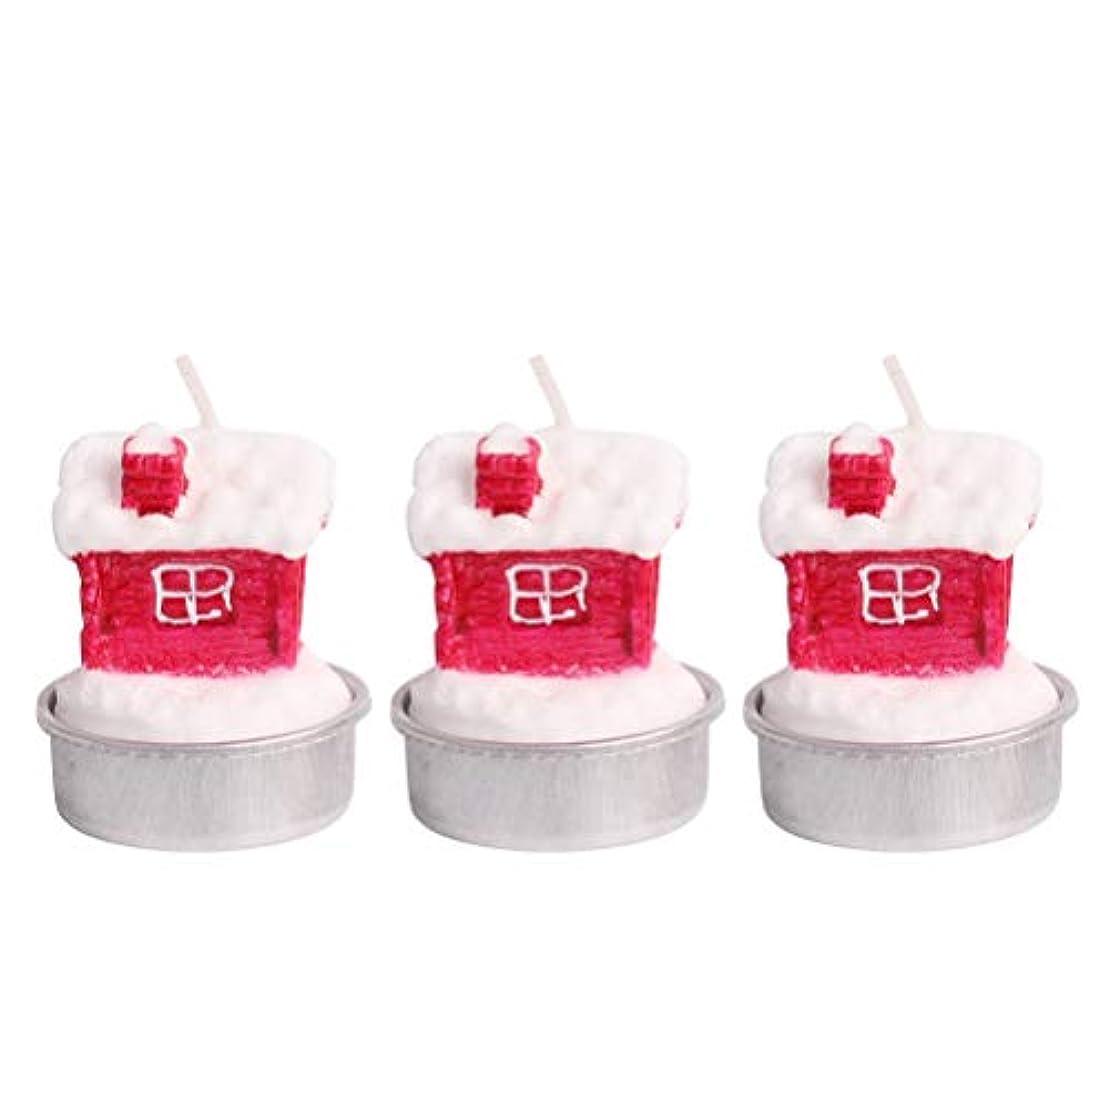 代替共感する重荷BESTOYARD ホルダー付きクリスマスキャンドルクリスマスハウステーブルデコレーション装飾品